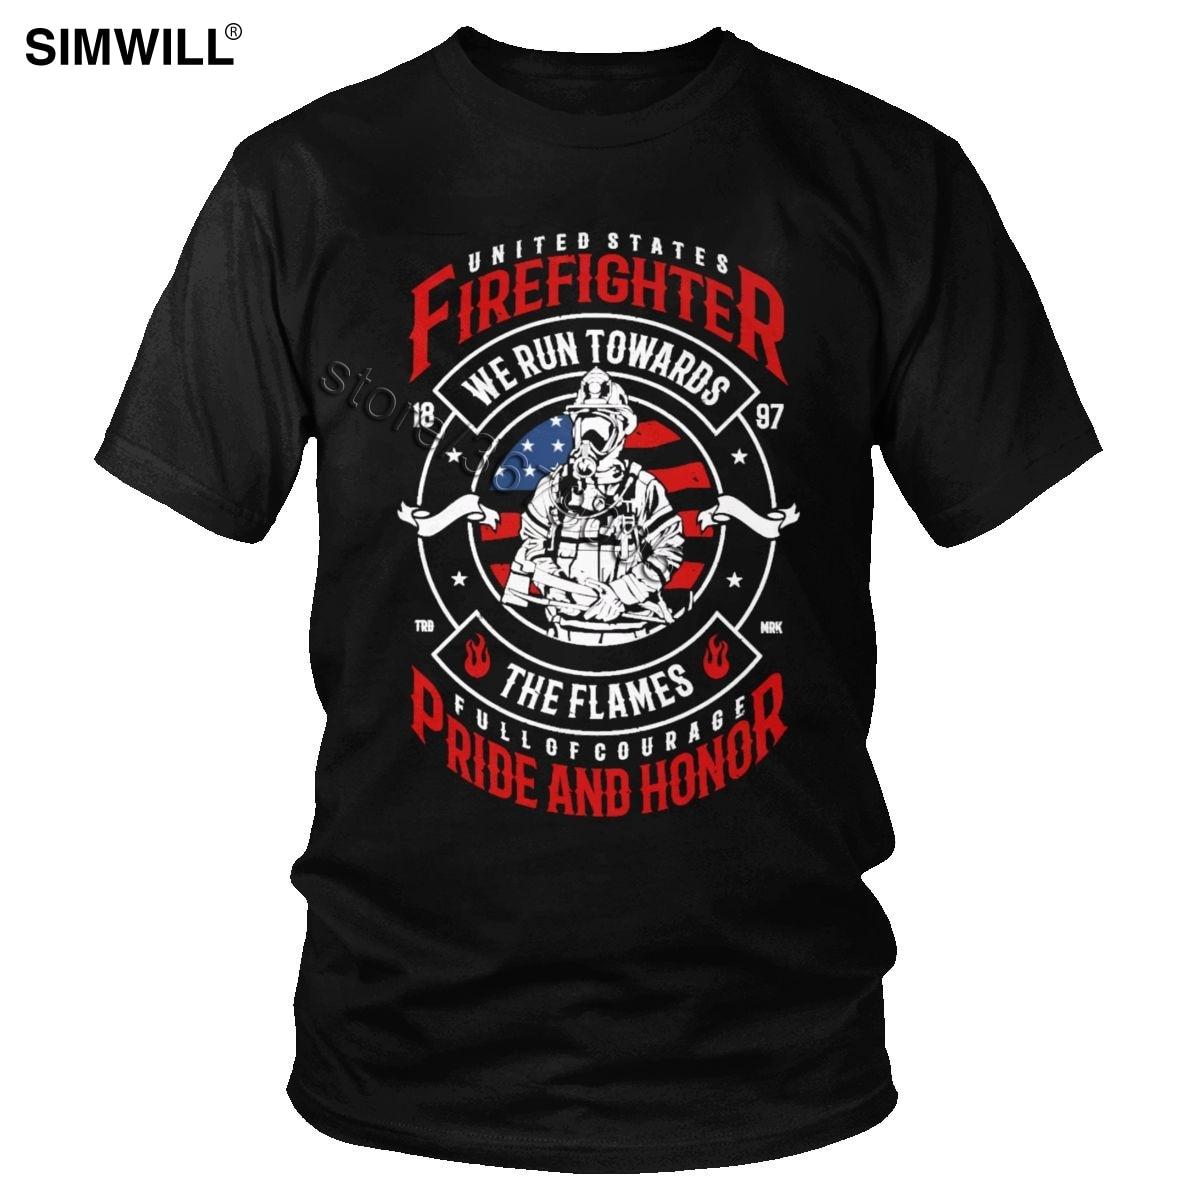 Eua herói bombeiro t camisa dos homens do vintage manga curta algodão cheio de coragem orgulho honra t nós correr para as chamas camiseta